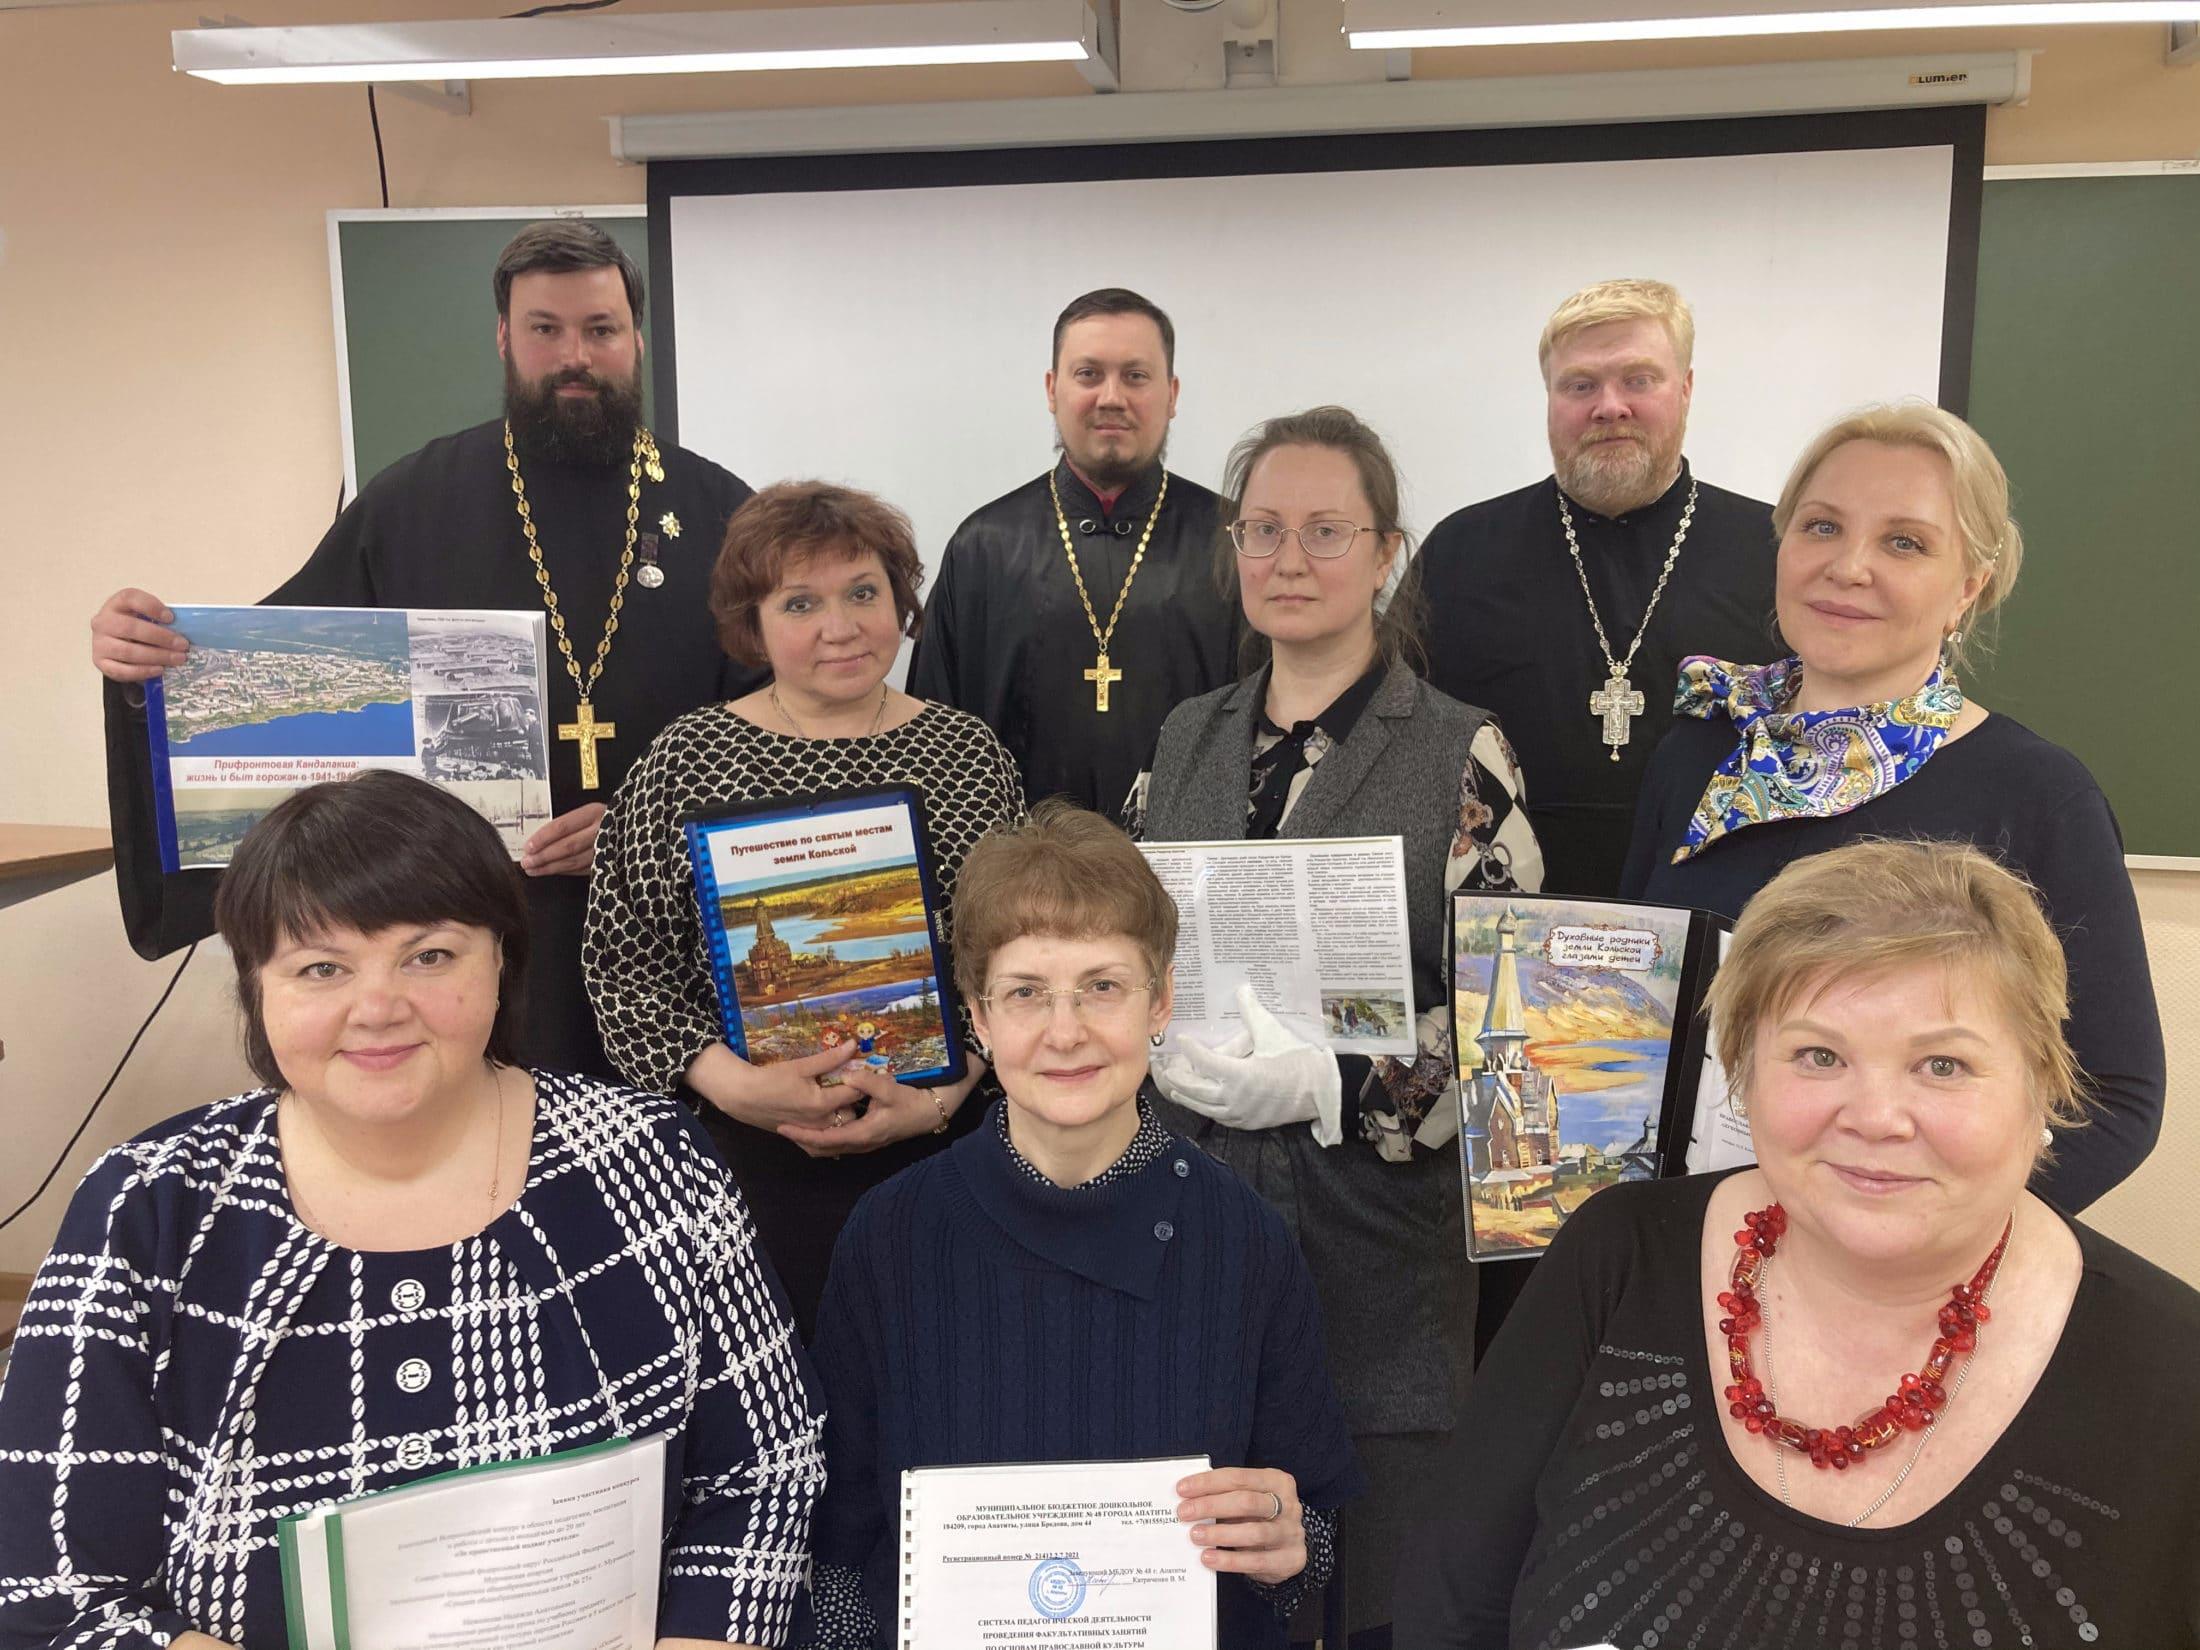 В Мурманской митрополии подвели итоги регионального этапа XVI Всероссийского конкурса в области педагогики, воспитания и работы с детьми и